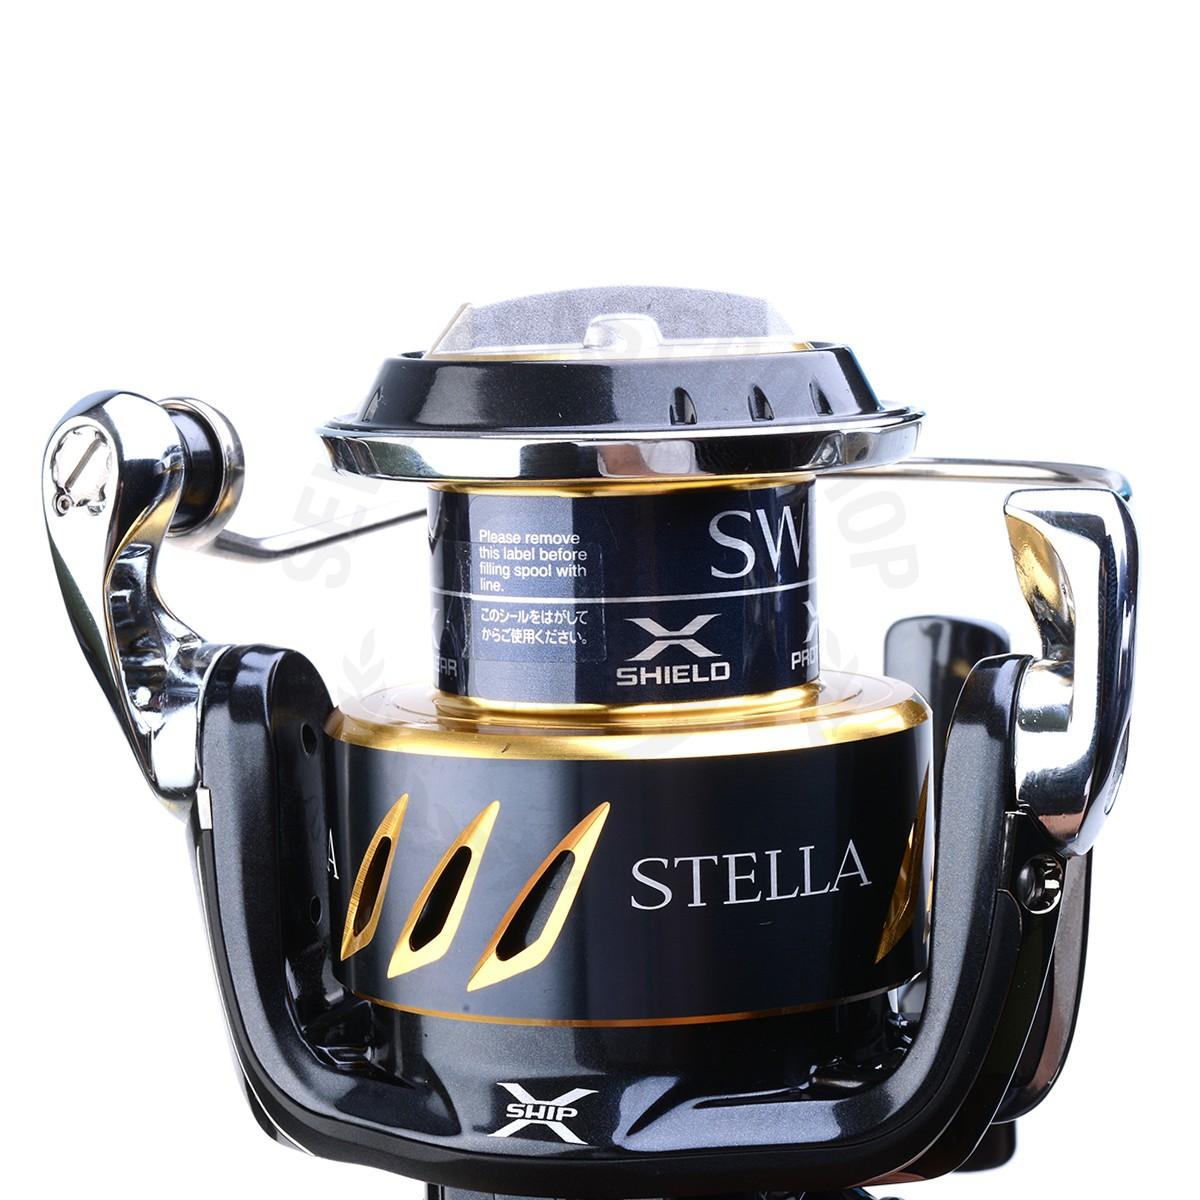 Máy câu Shimano Stella SW SW8000HG BH 1 Năm Chính Hãng